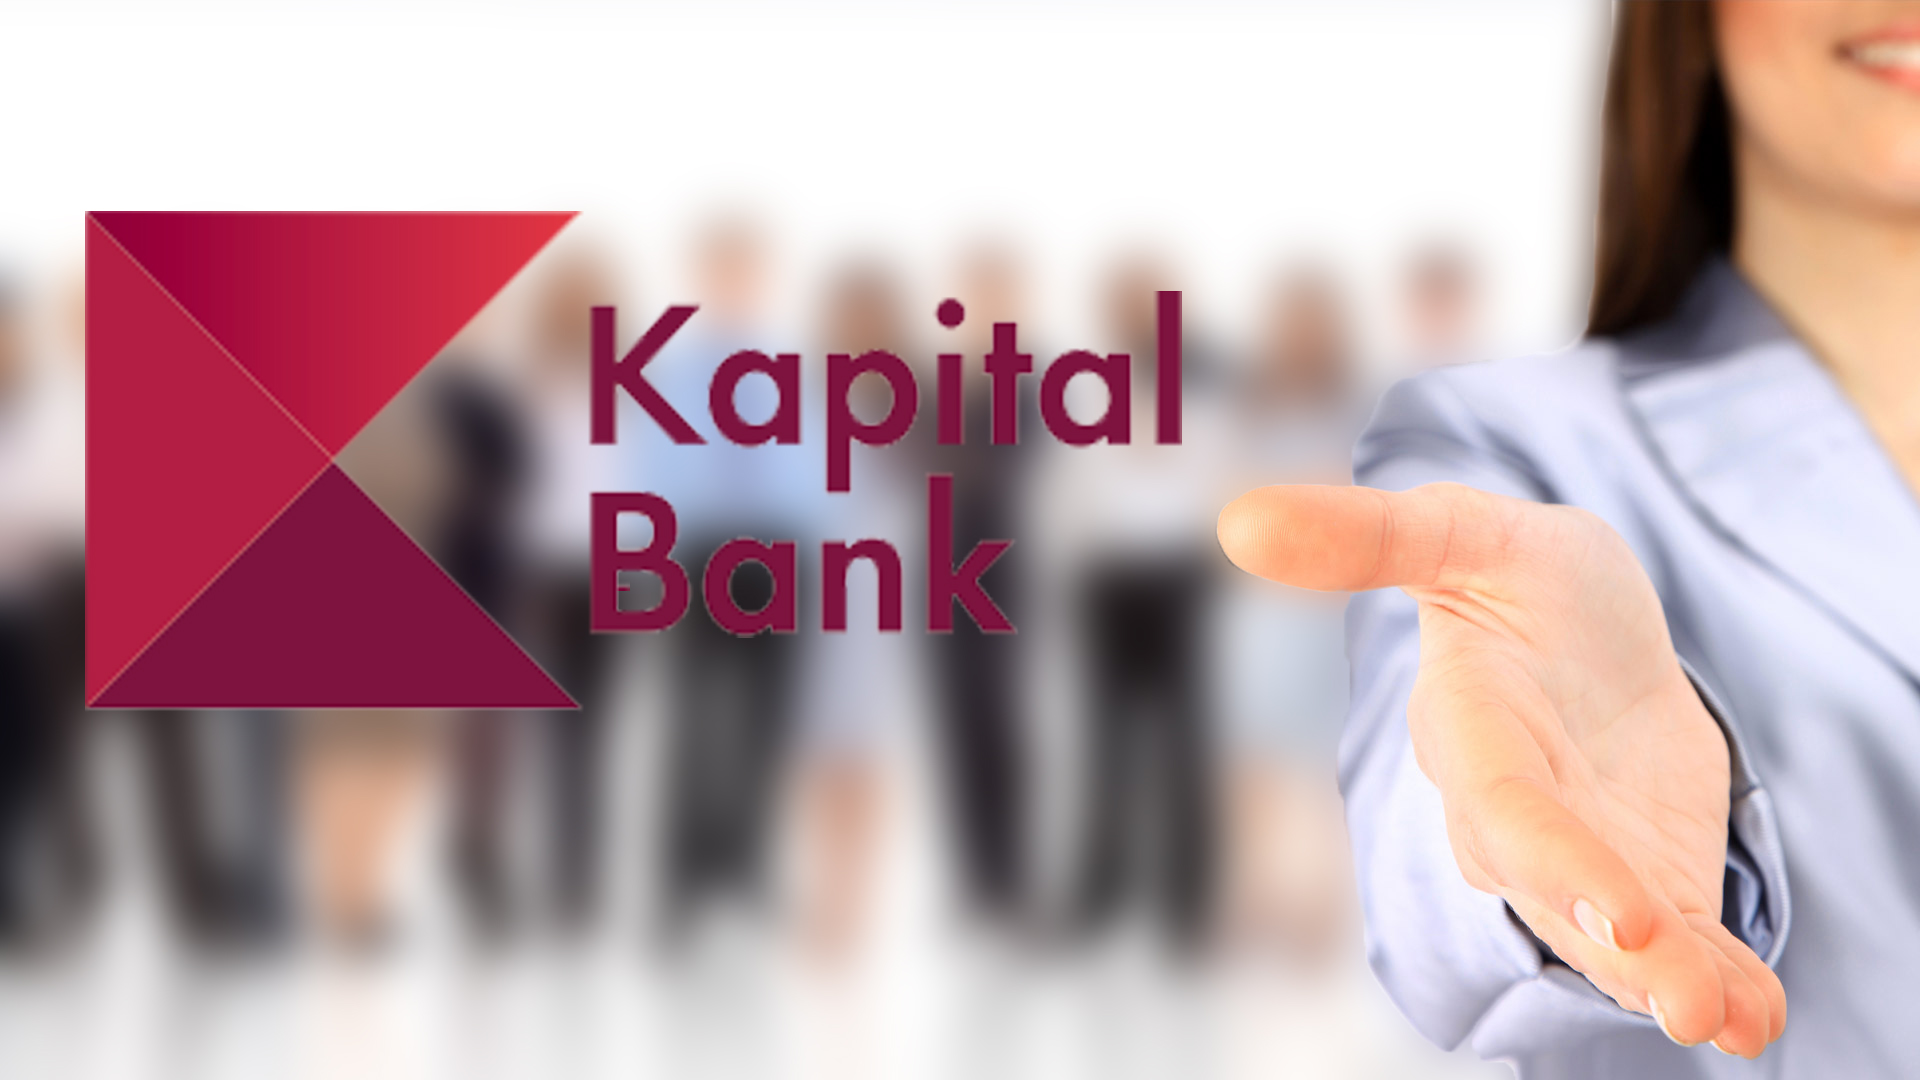 Kapital Bank-da İŞ VAR! - 15 Yeni Vakansiya